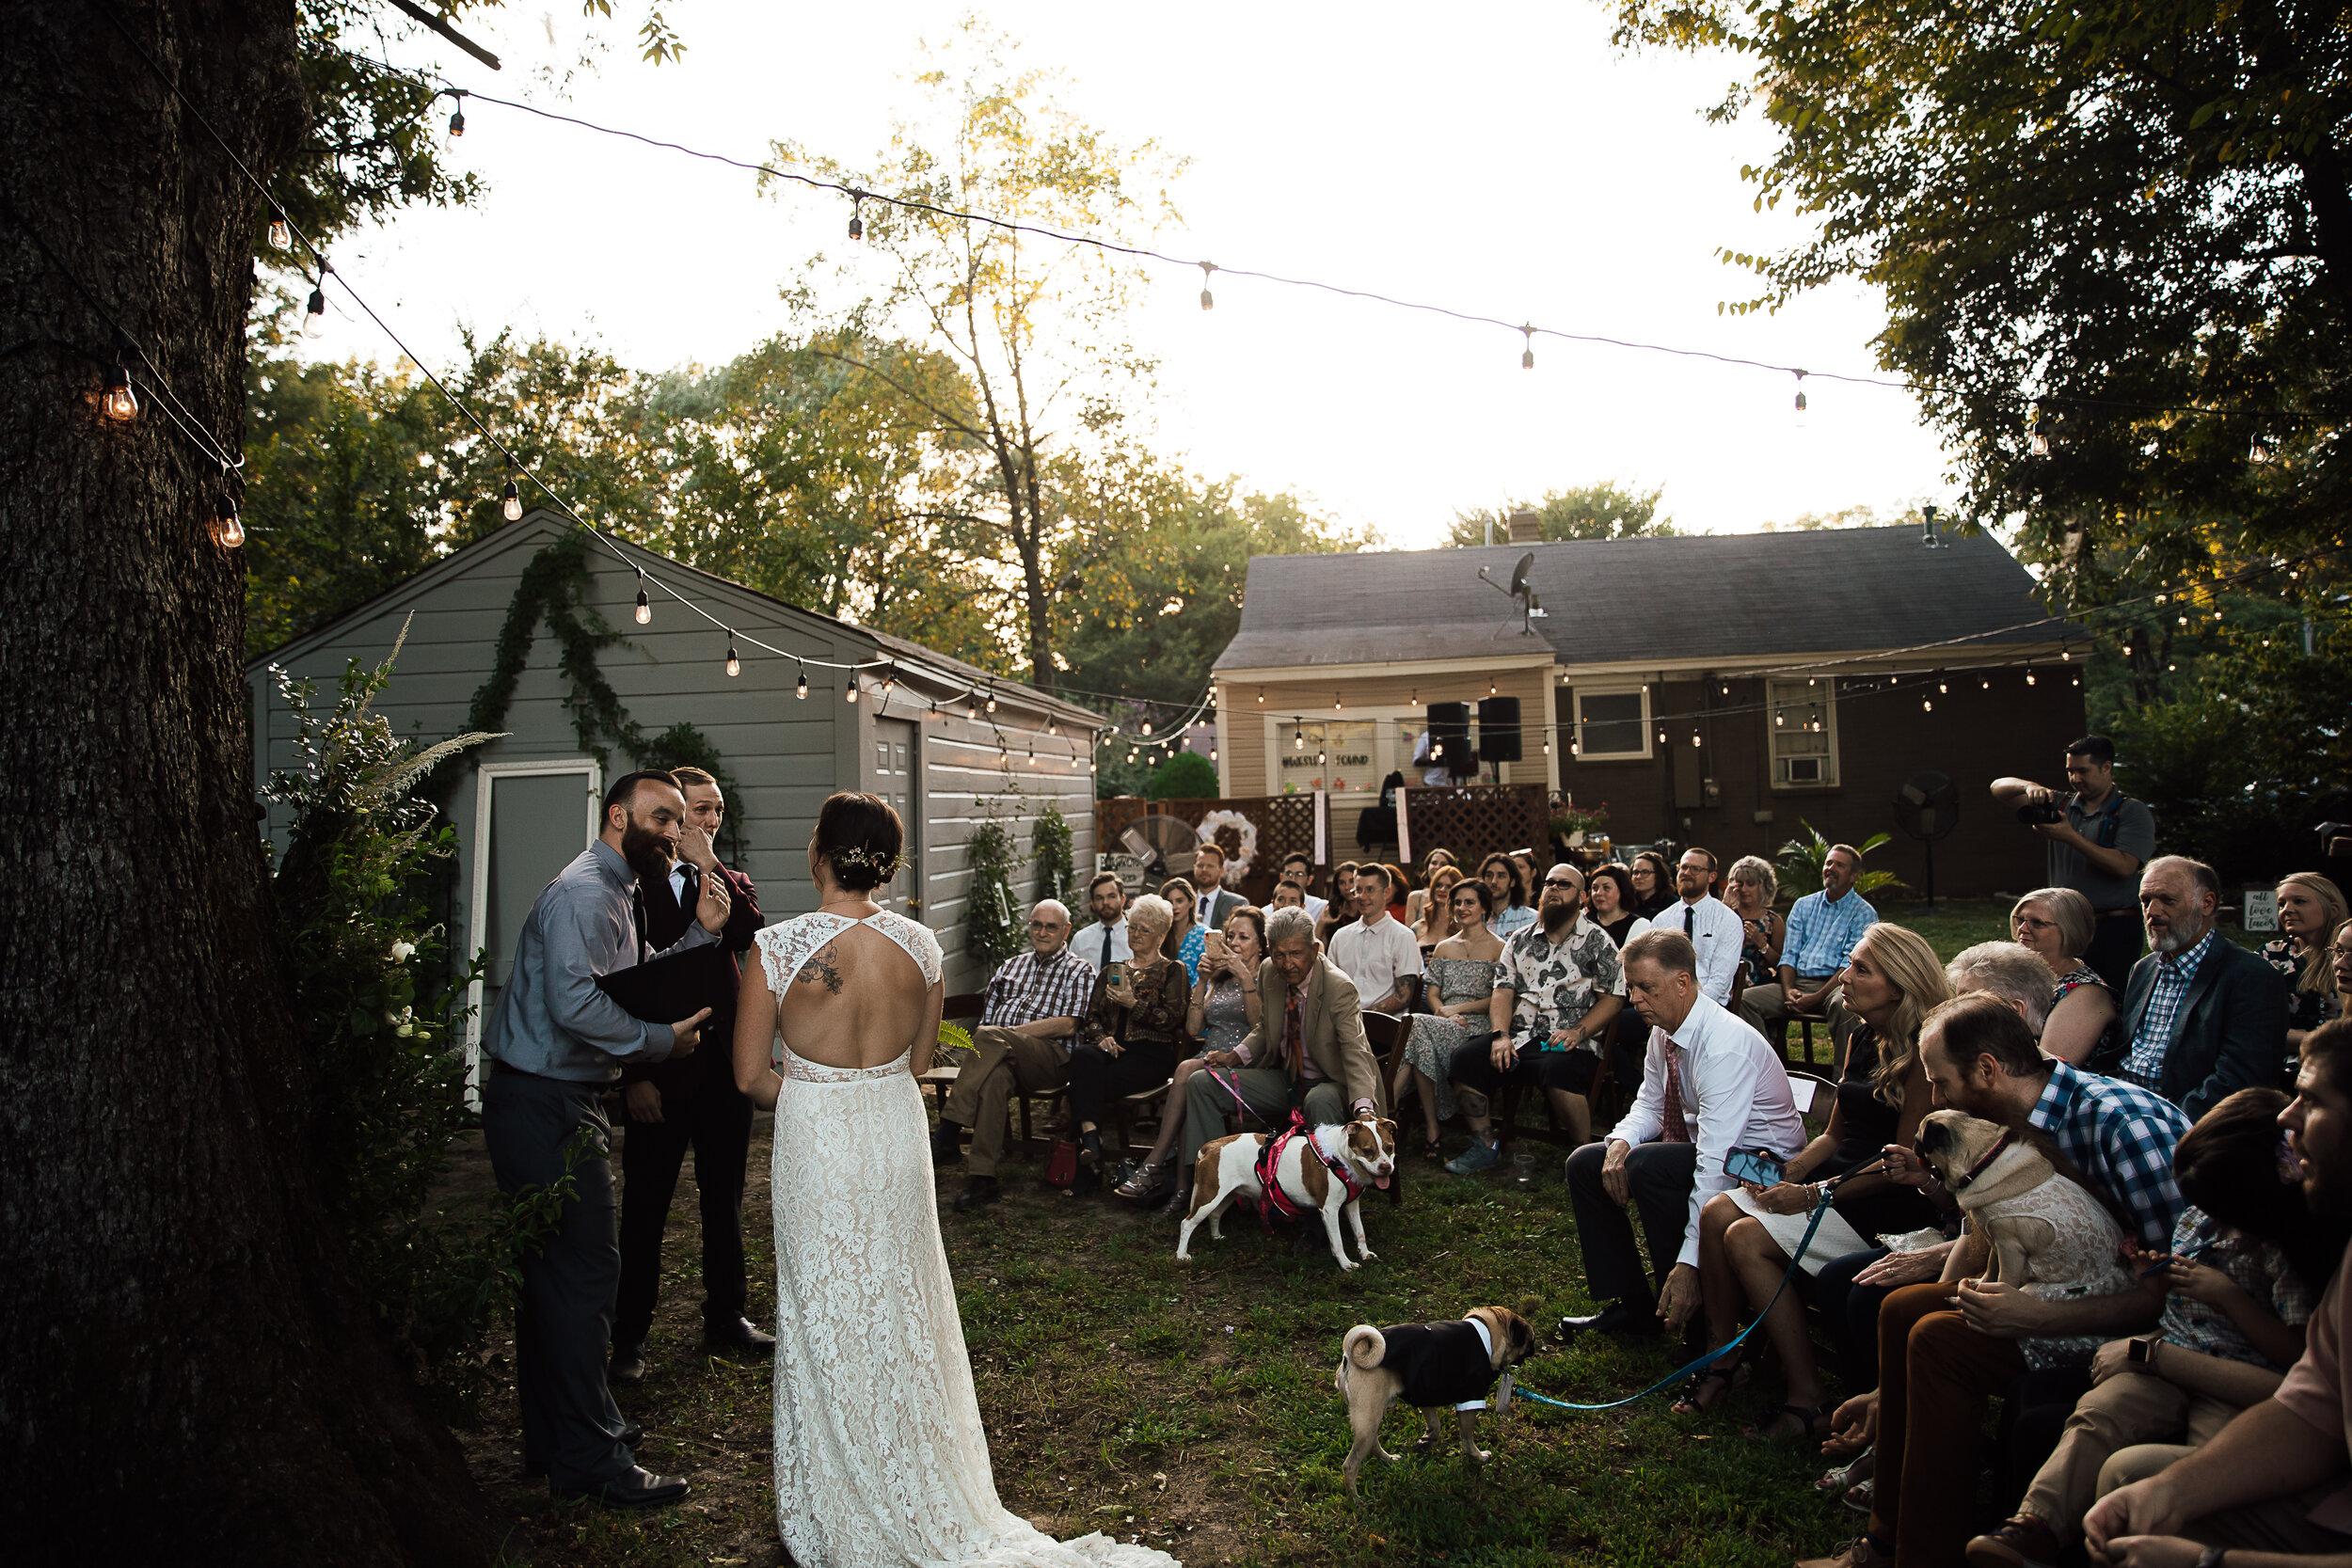 Allison-and-Wesley-Memphis-Backyard-Wedding-TheWarmthAroundYou-157.jpg